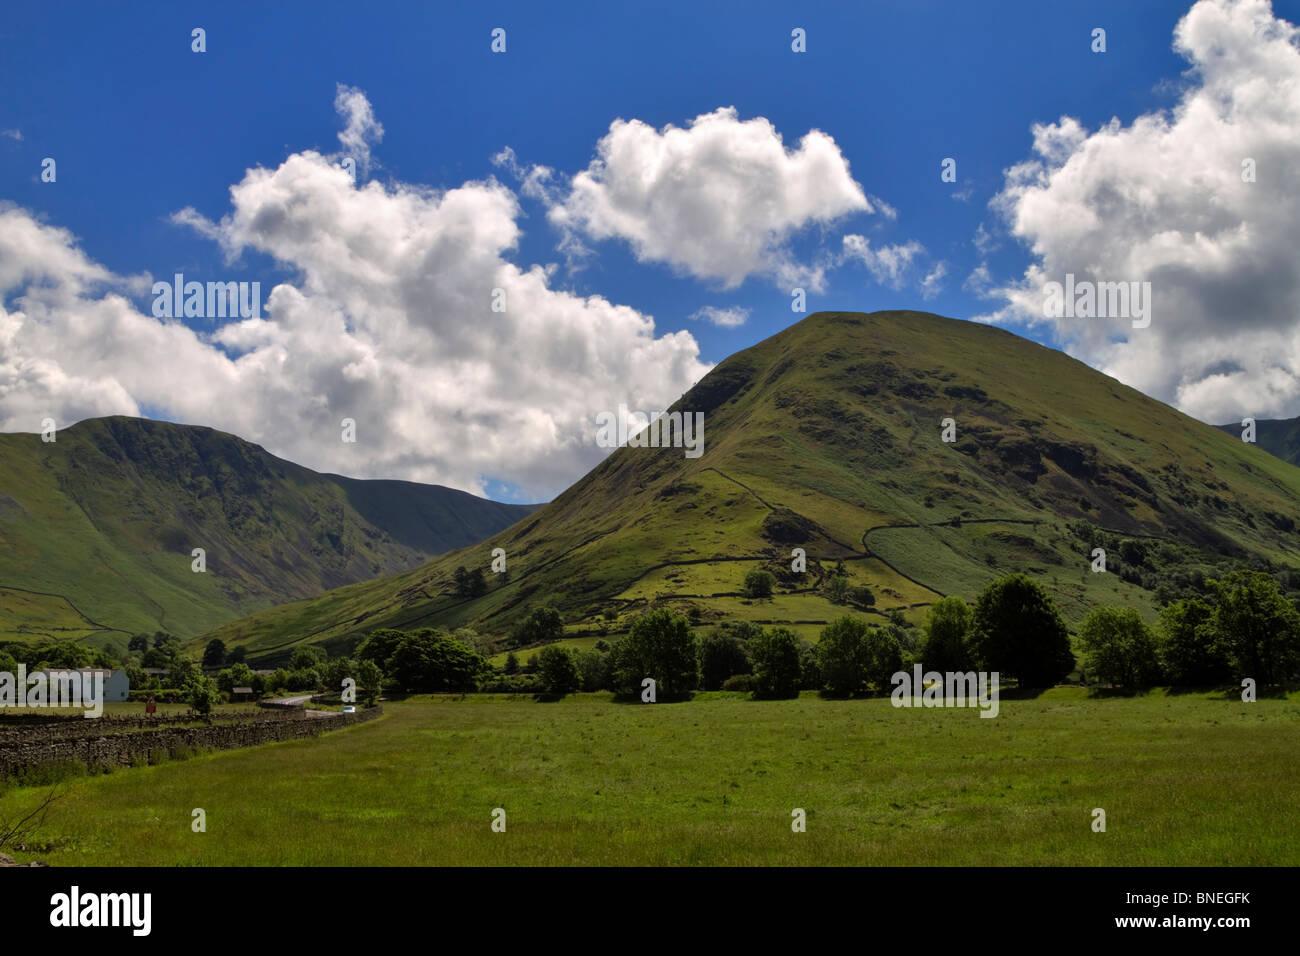 Hartsop Dodd and the hamlet of Hartsop, Cumbria. Sheep pastures and a small village at the base of the Kirkstone - Stock Image